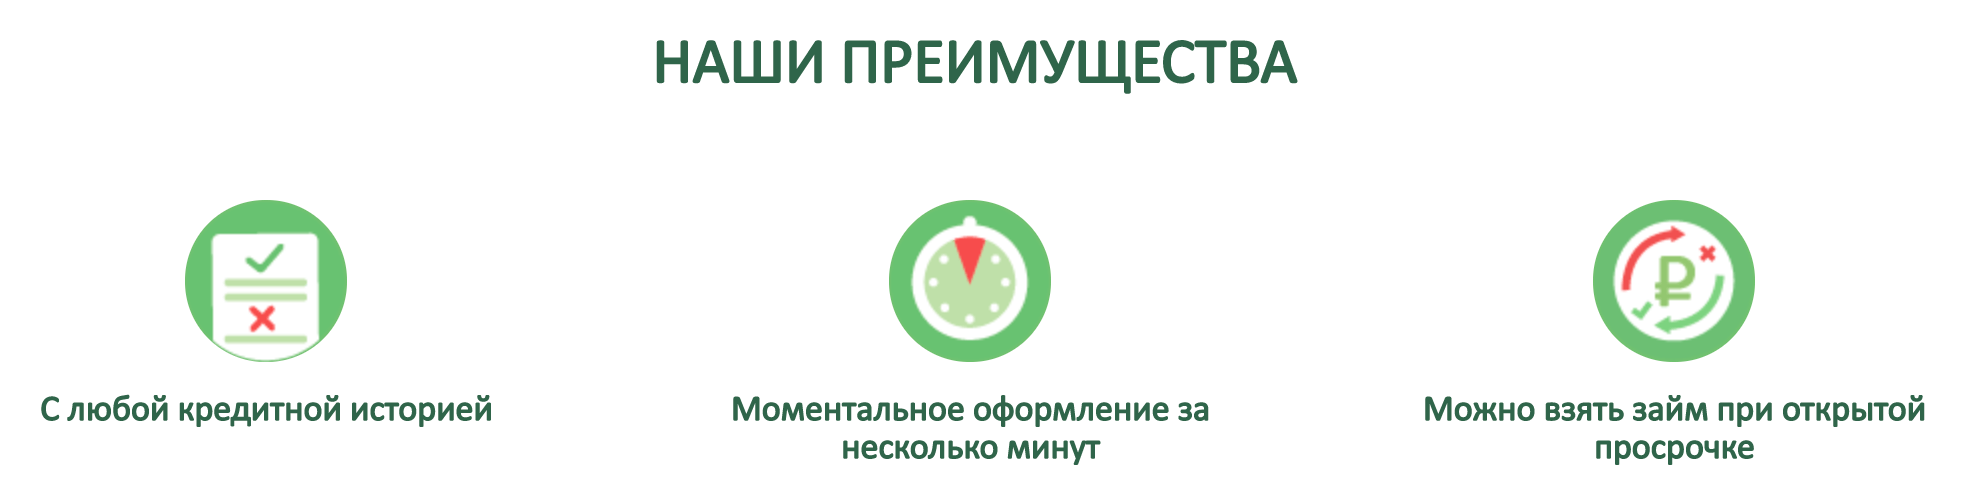 Преимущества компании Доброзайм (Центр Займов)